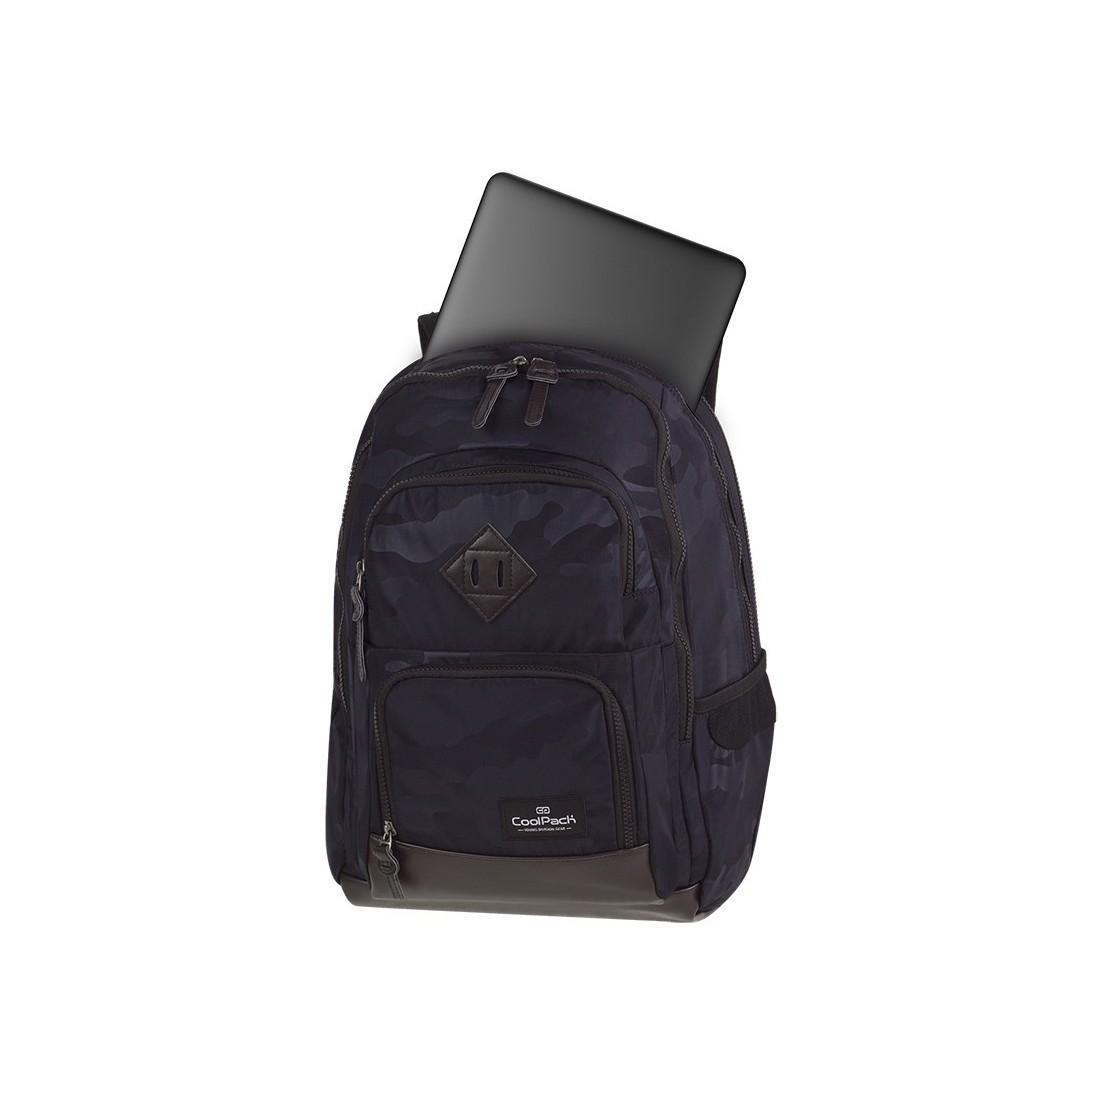 Plecak szkolny CoolPack CP UNIT CAMO BLACK czarne moro kieszeń na laptop - A560